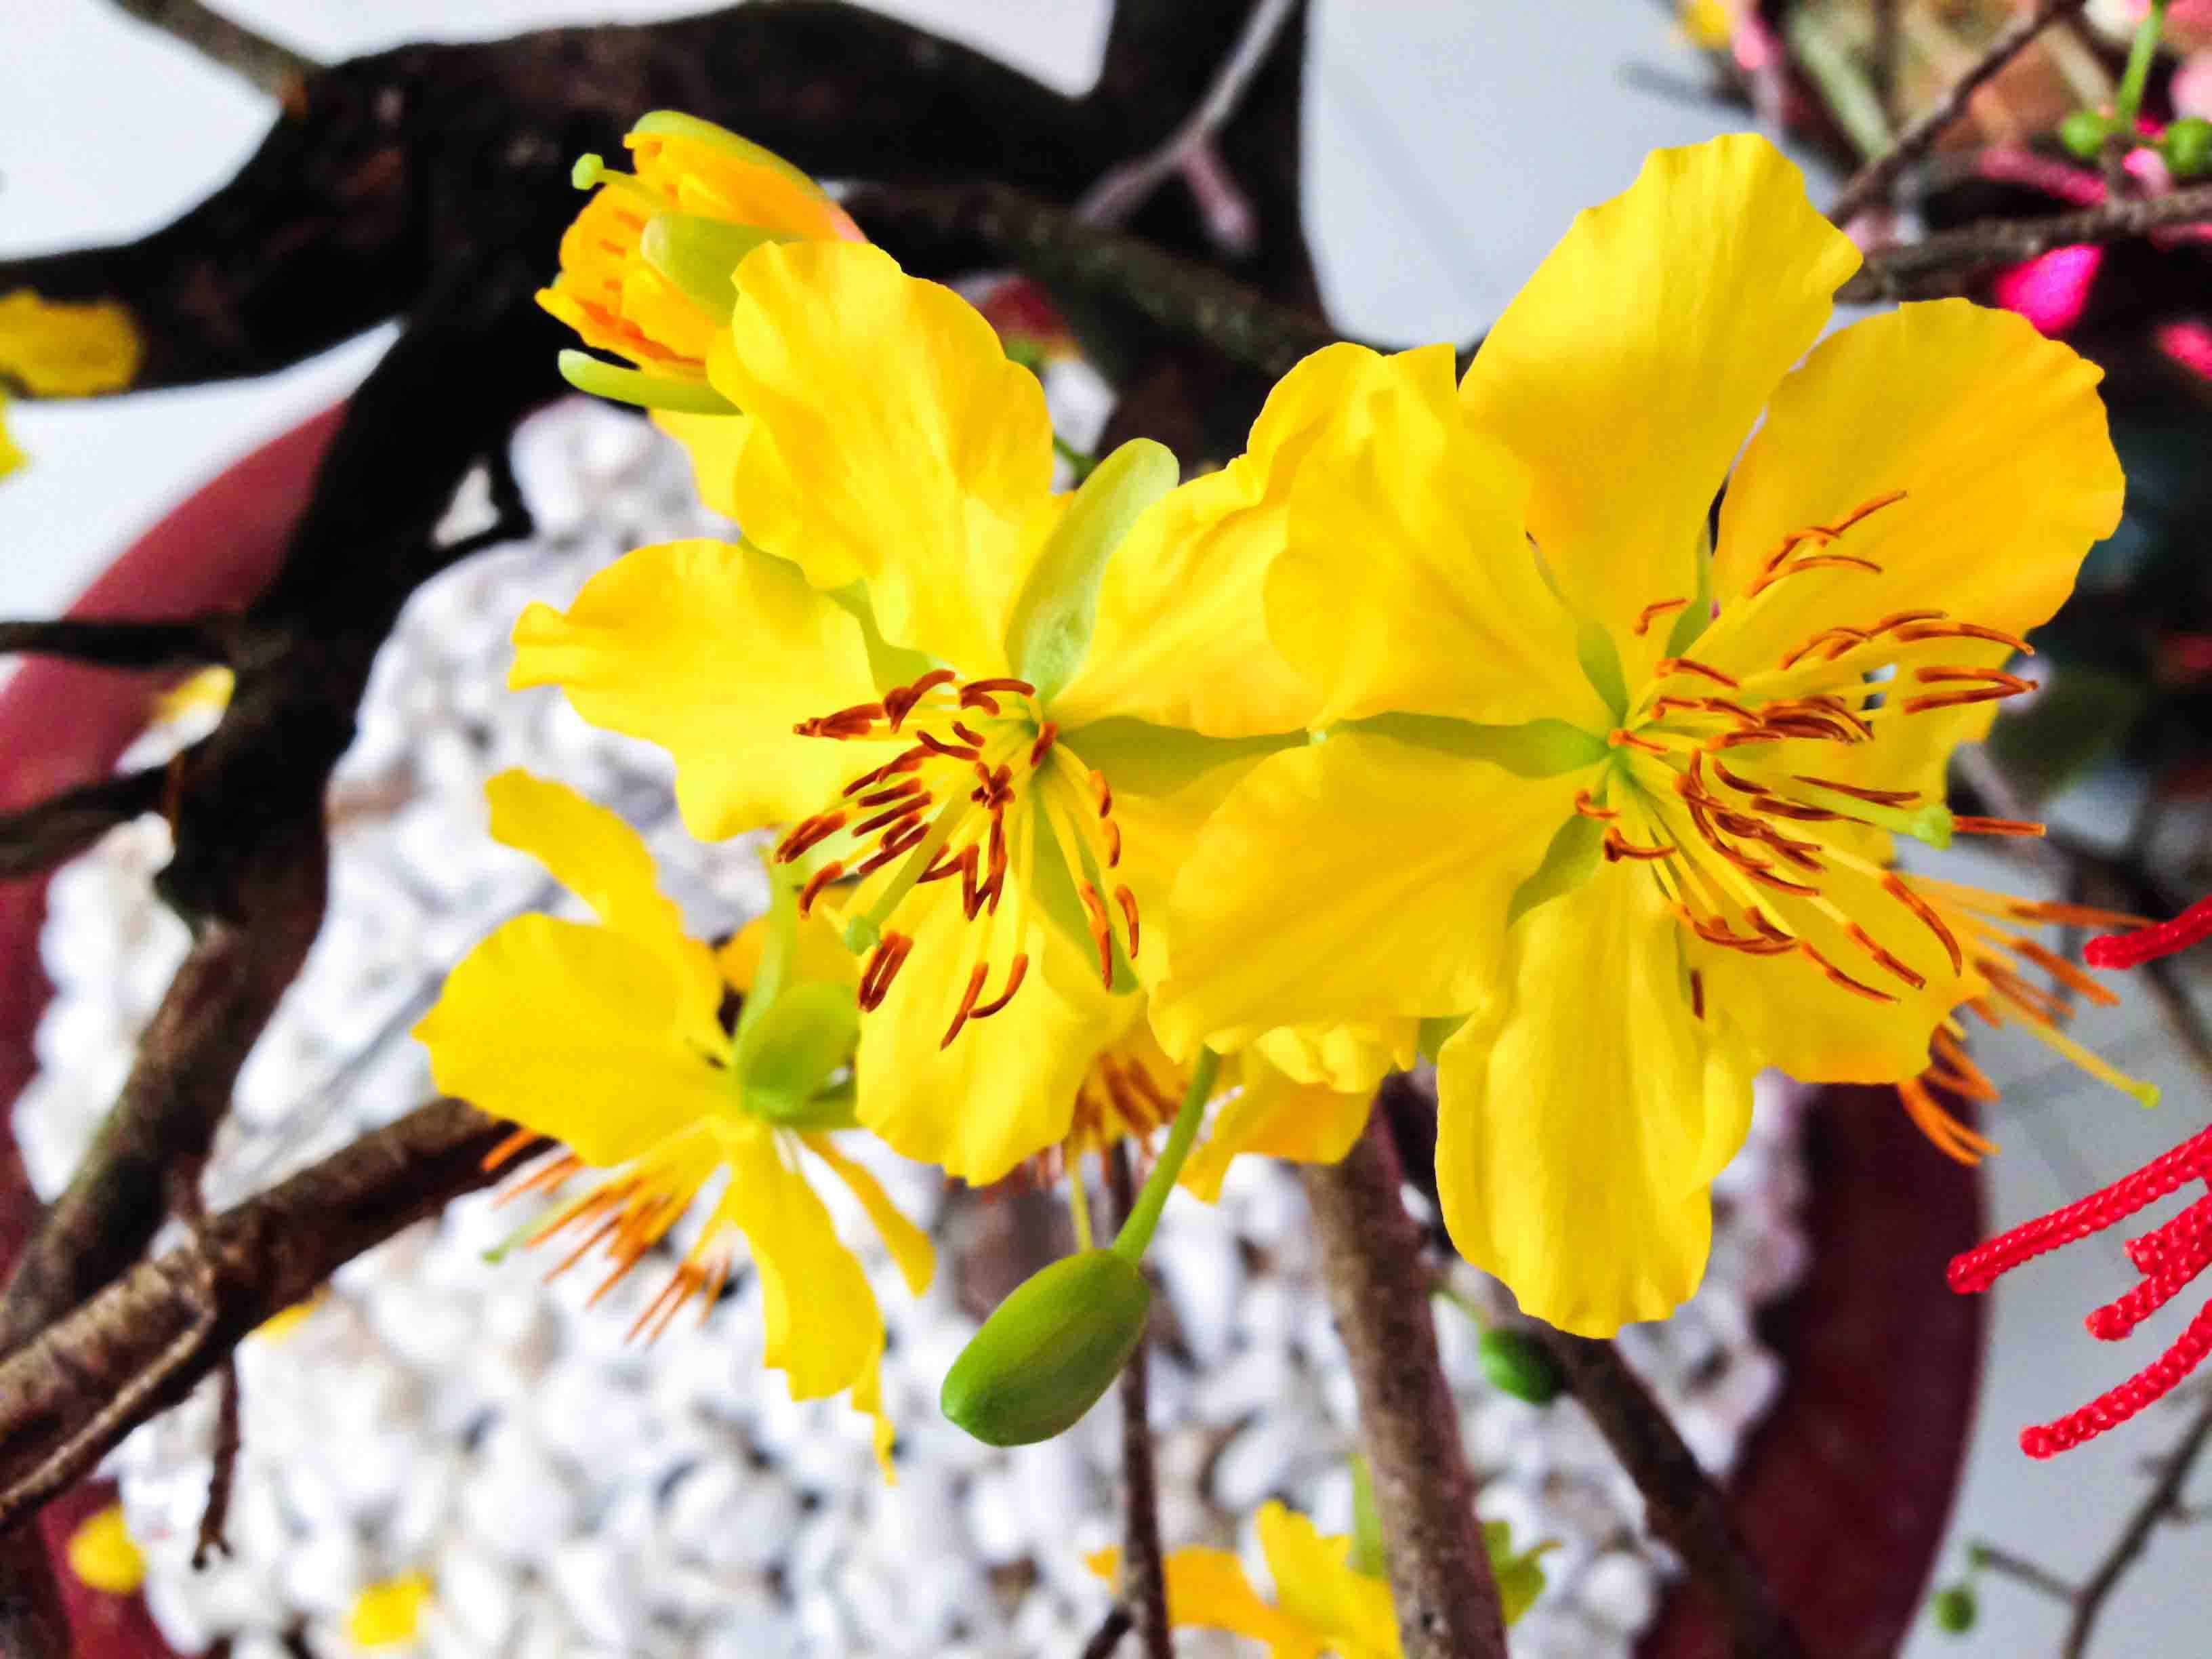 Hình ảnh hoa Mai - Tổng hợp những hình ảnh hoa Mai đẹp nhất